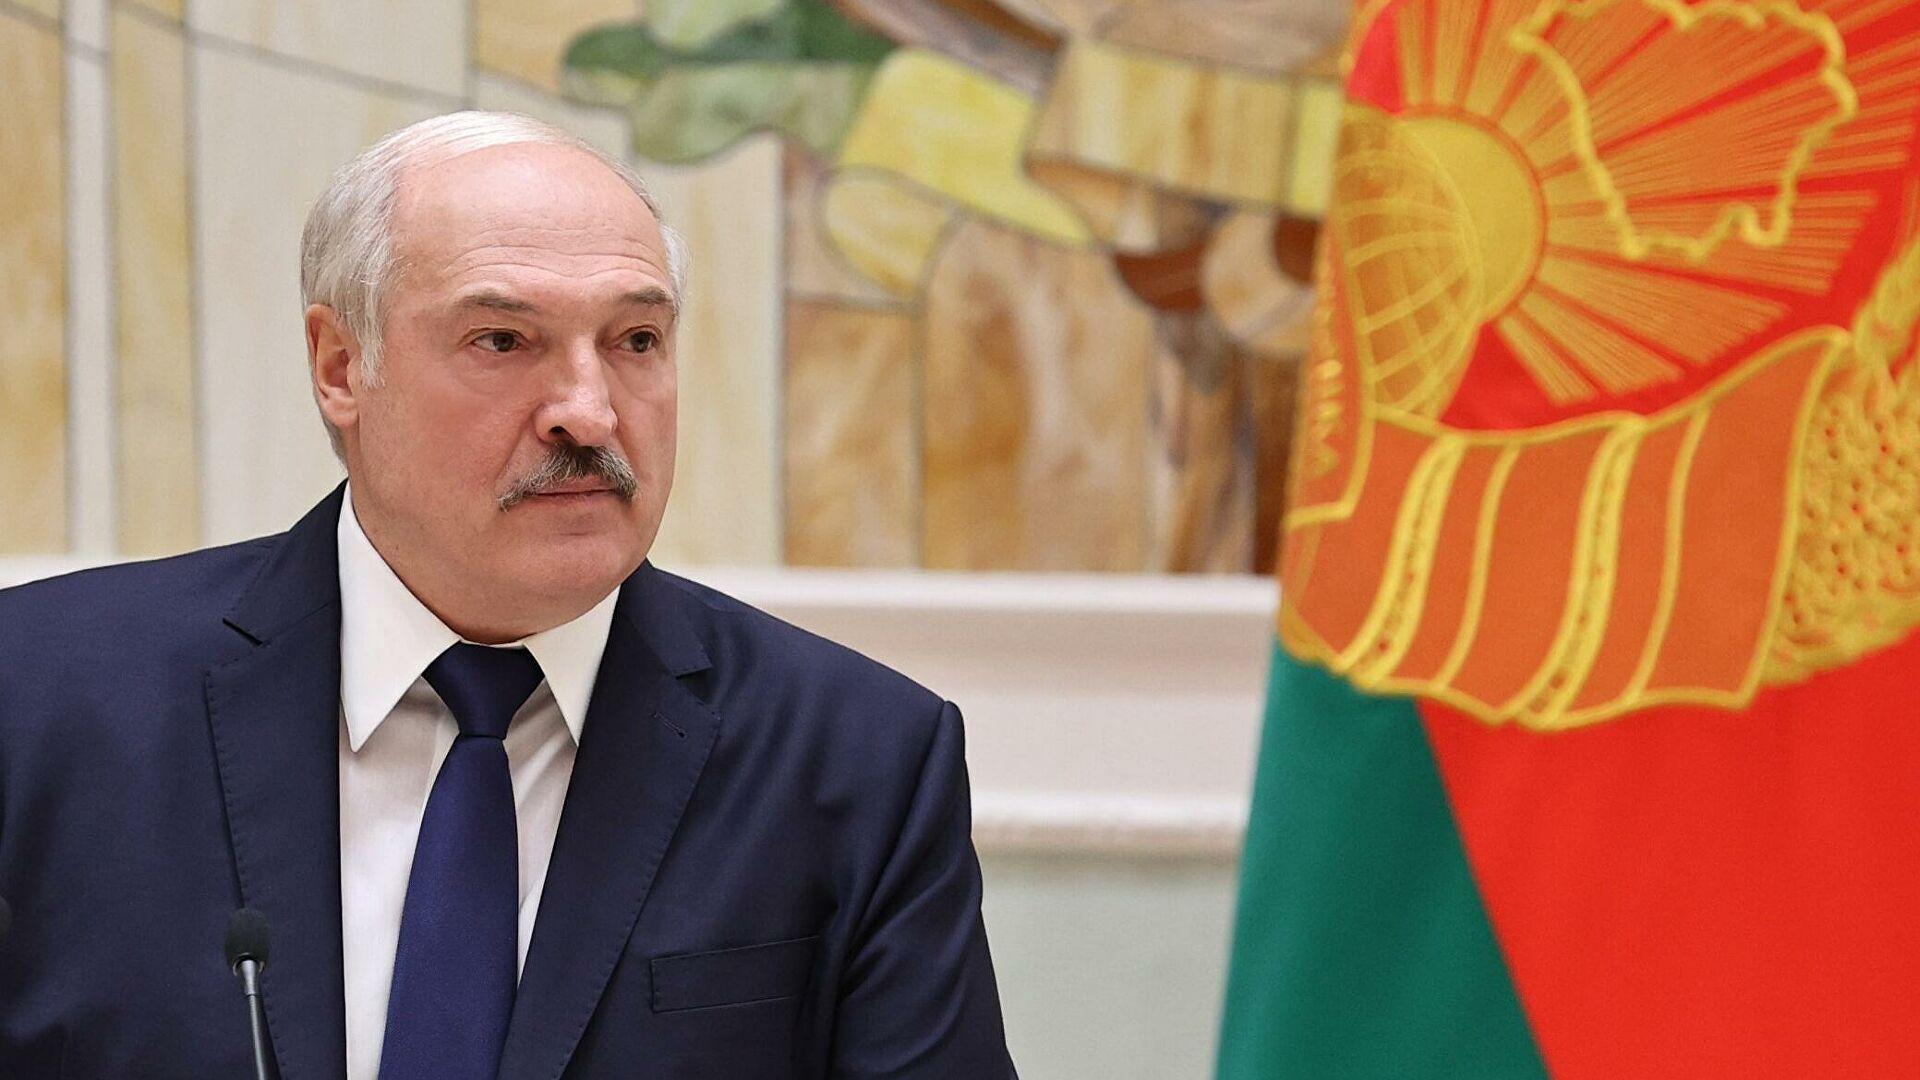 Лукашенко: Морамо да донесемо одлуку о почетку деловања Споразума о зони слободне трговине ЕАЕУ са Србијом